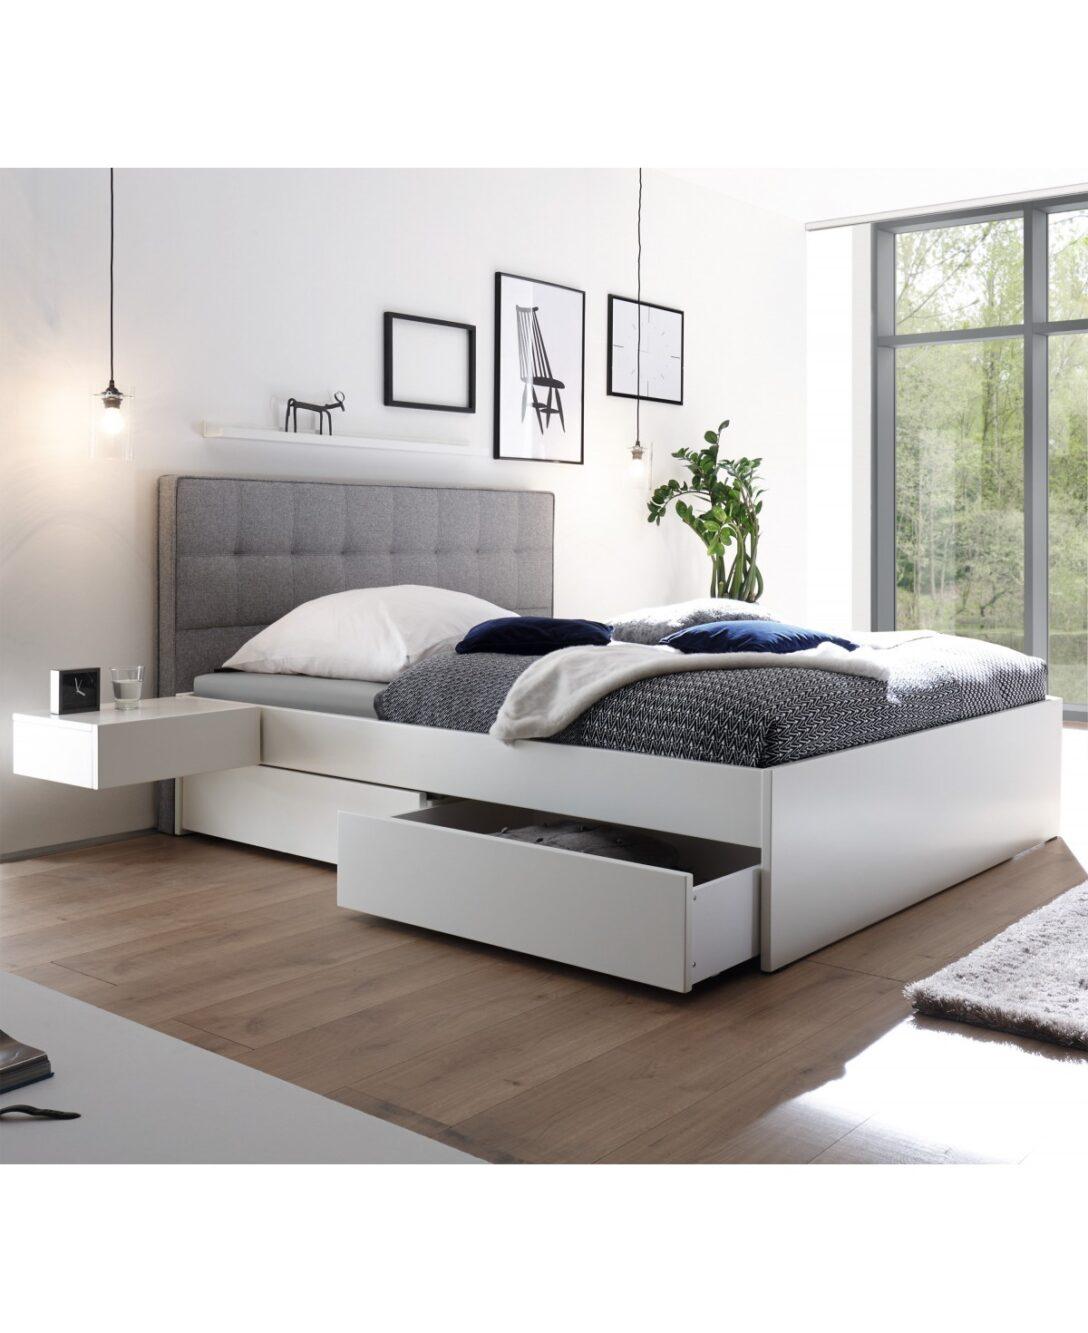 Large Size of Betten Ohne Kopfteil Stauraum Bett Tagesdecke Ikea 160x200 Barock Ausklappbar Nussbaum 180x200 Steens Jabo Schwarz Günstige Mädchen 140x200 Wohnzimmer Teenager Mädchen Bett